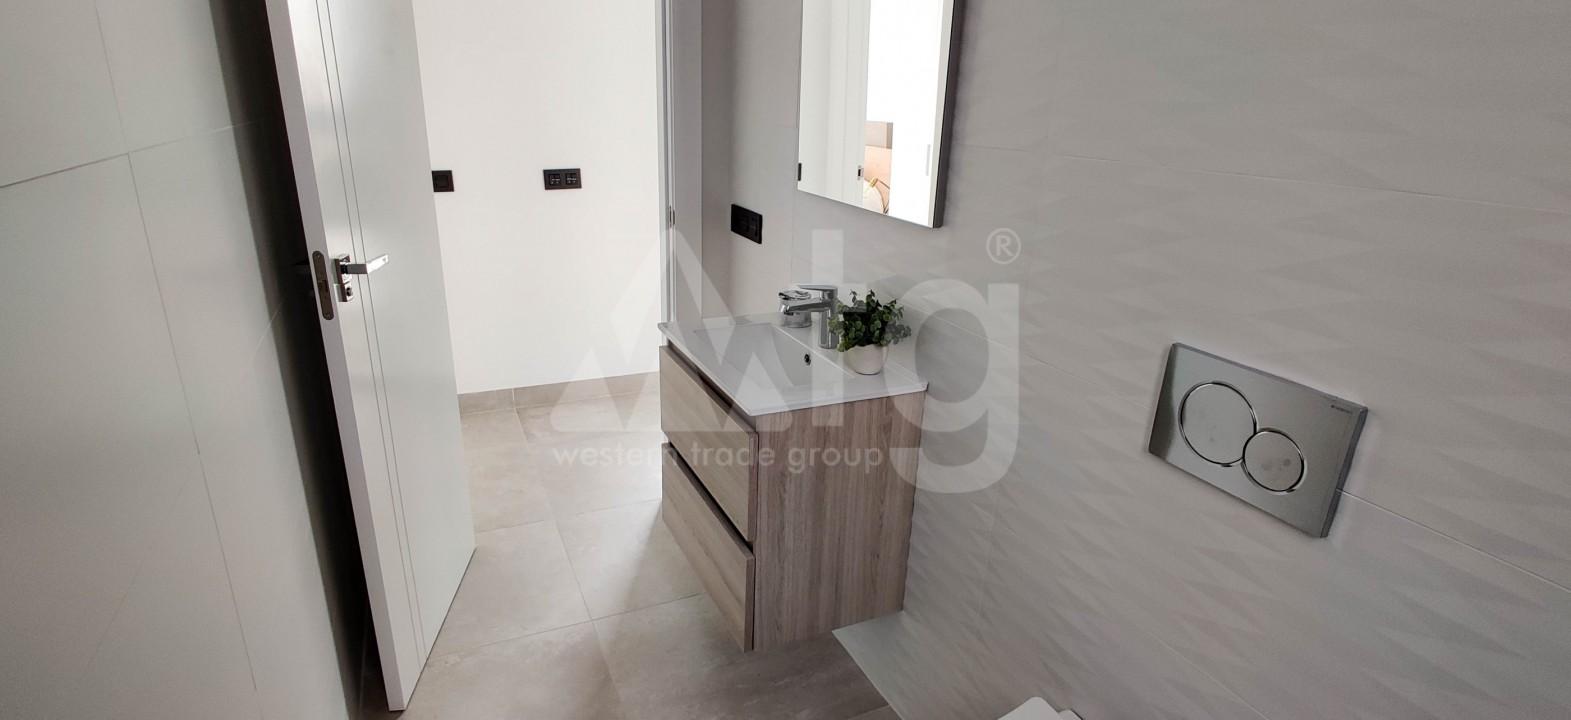 3 bedroom Villa in Dehesa de Campoamor  - AGI115705 - 14